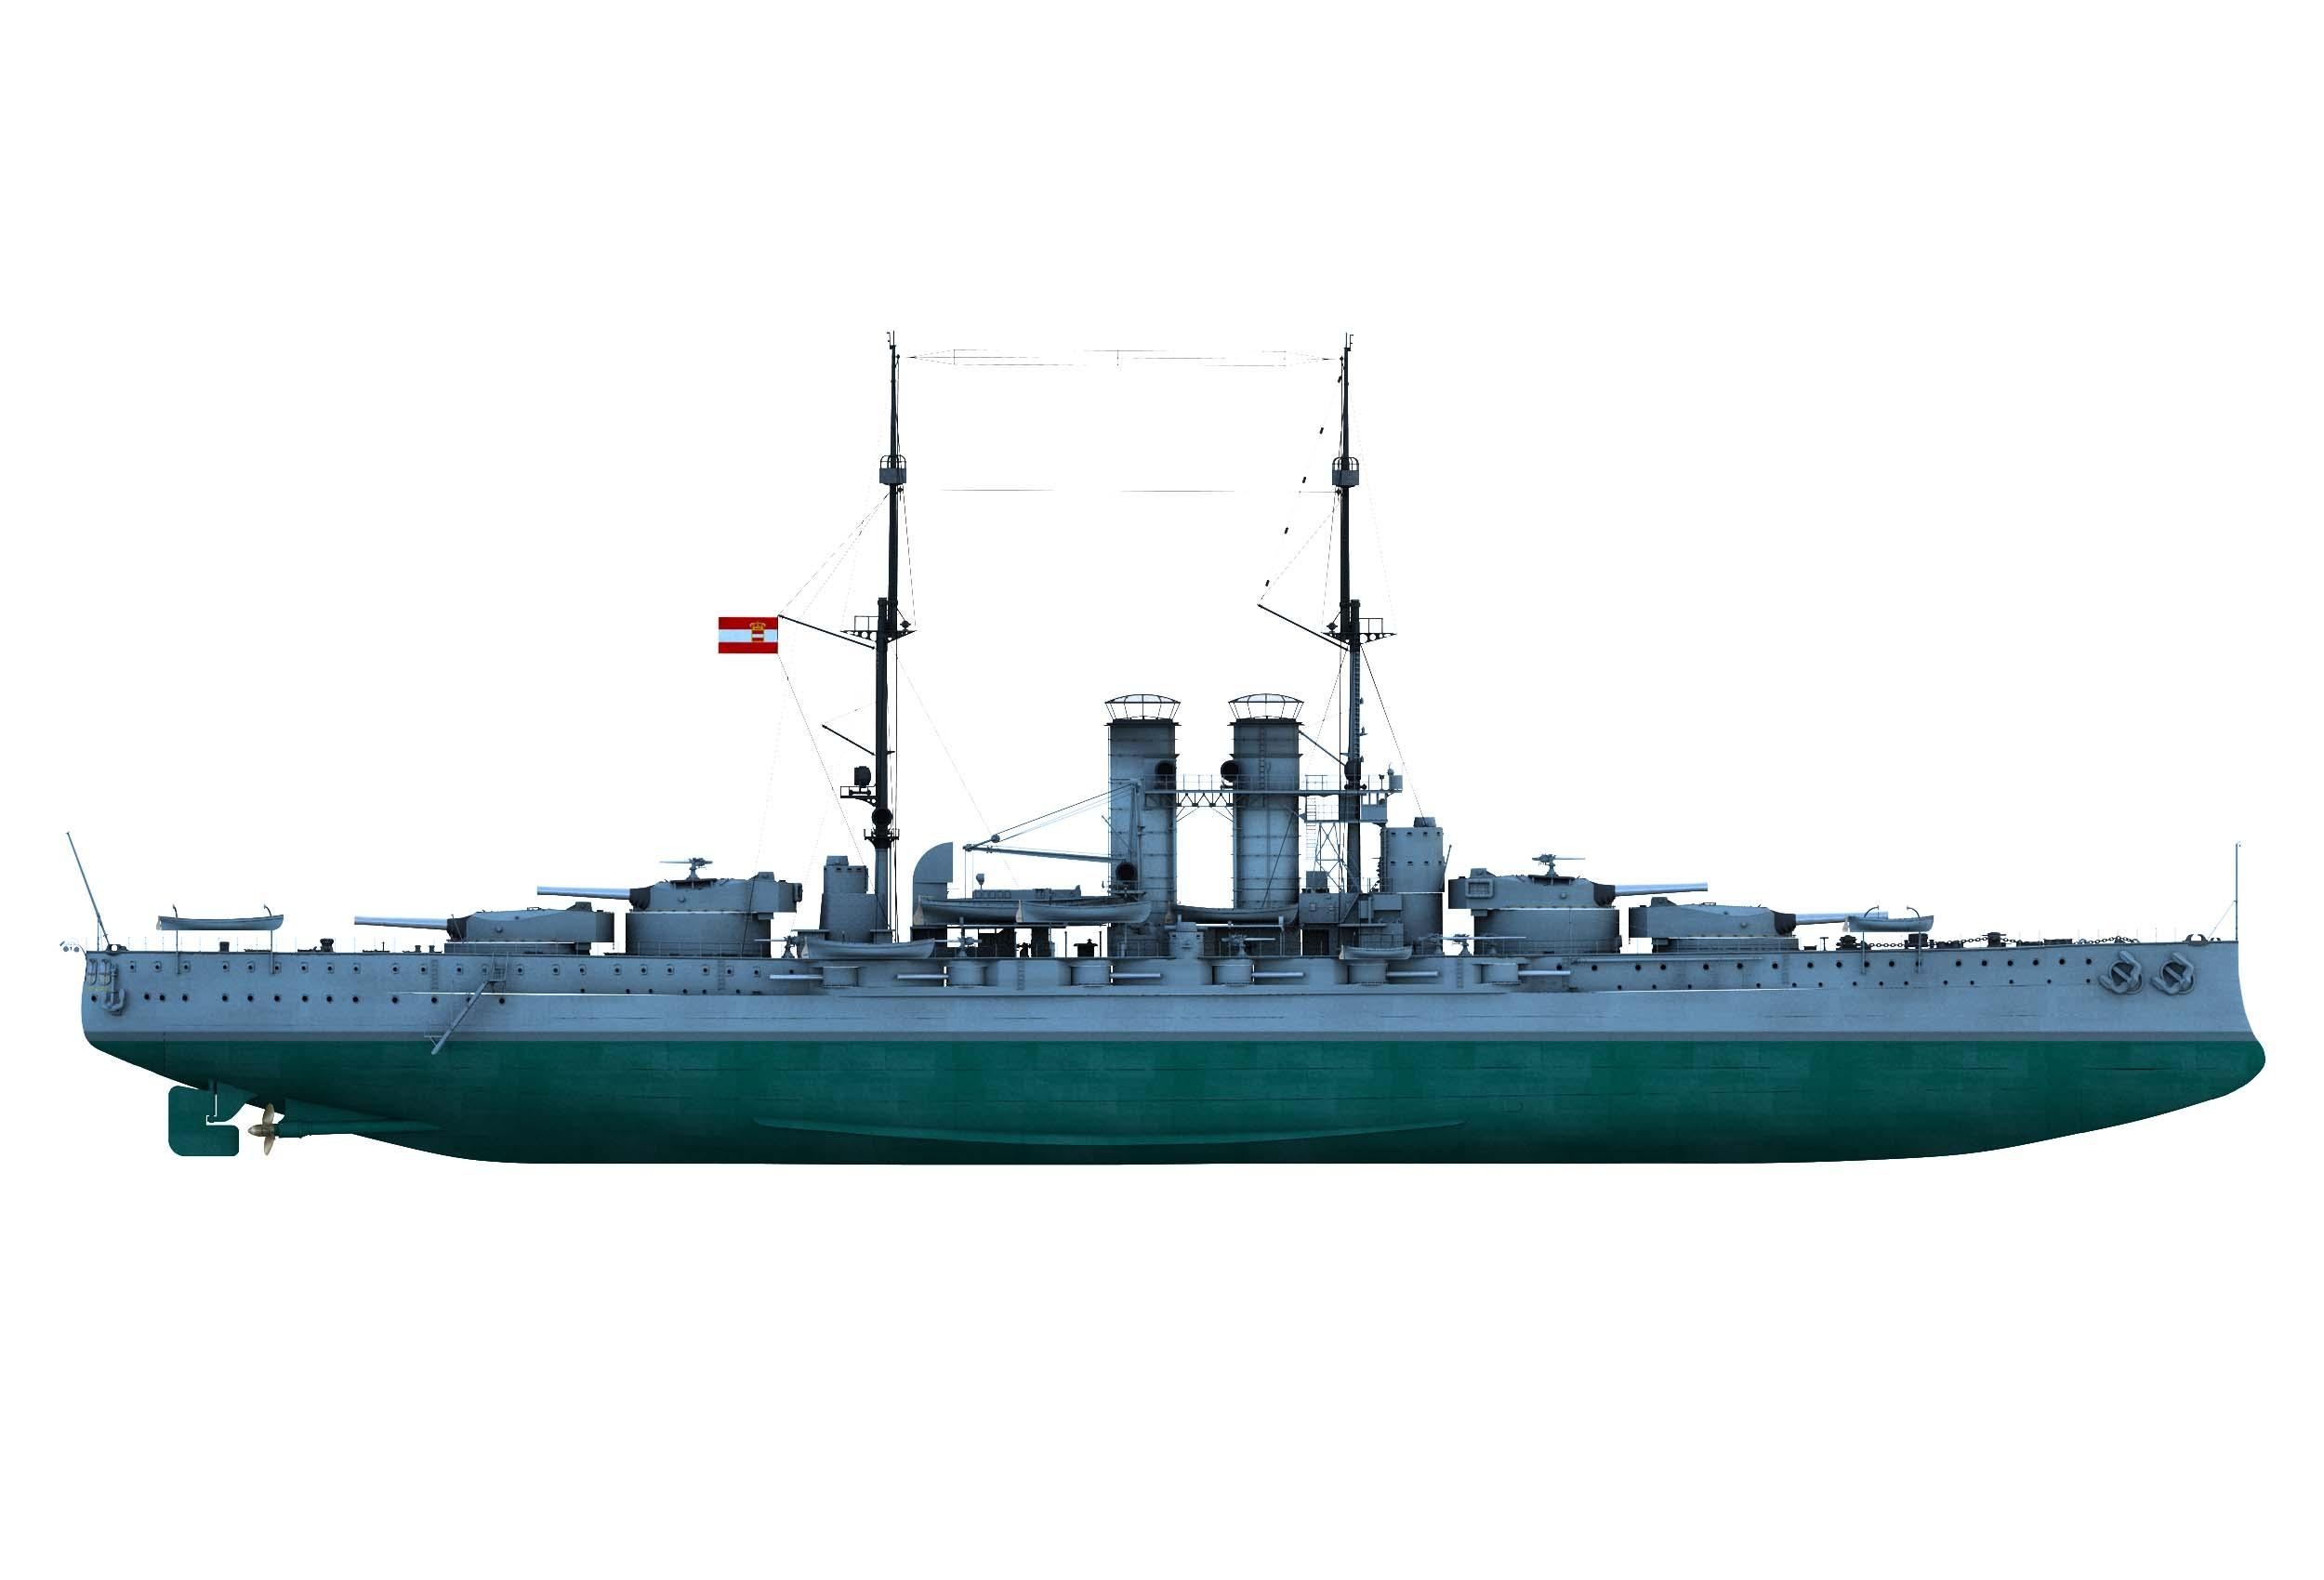 https://0901.nccdn.net/4_2/000/000/011/751/SZ-Starboard-Profile0090-2500x1700.jpg